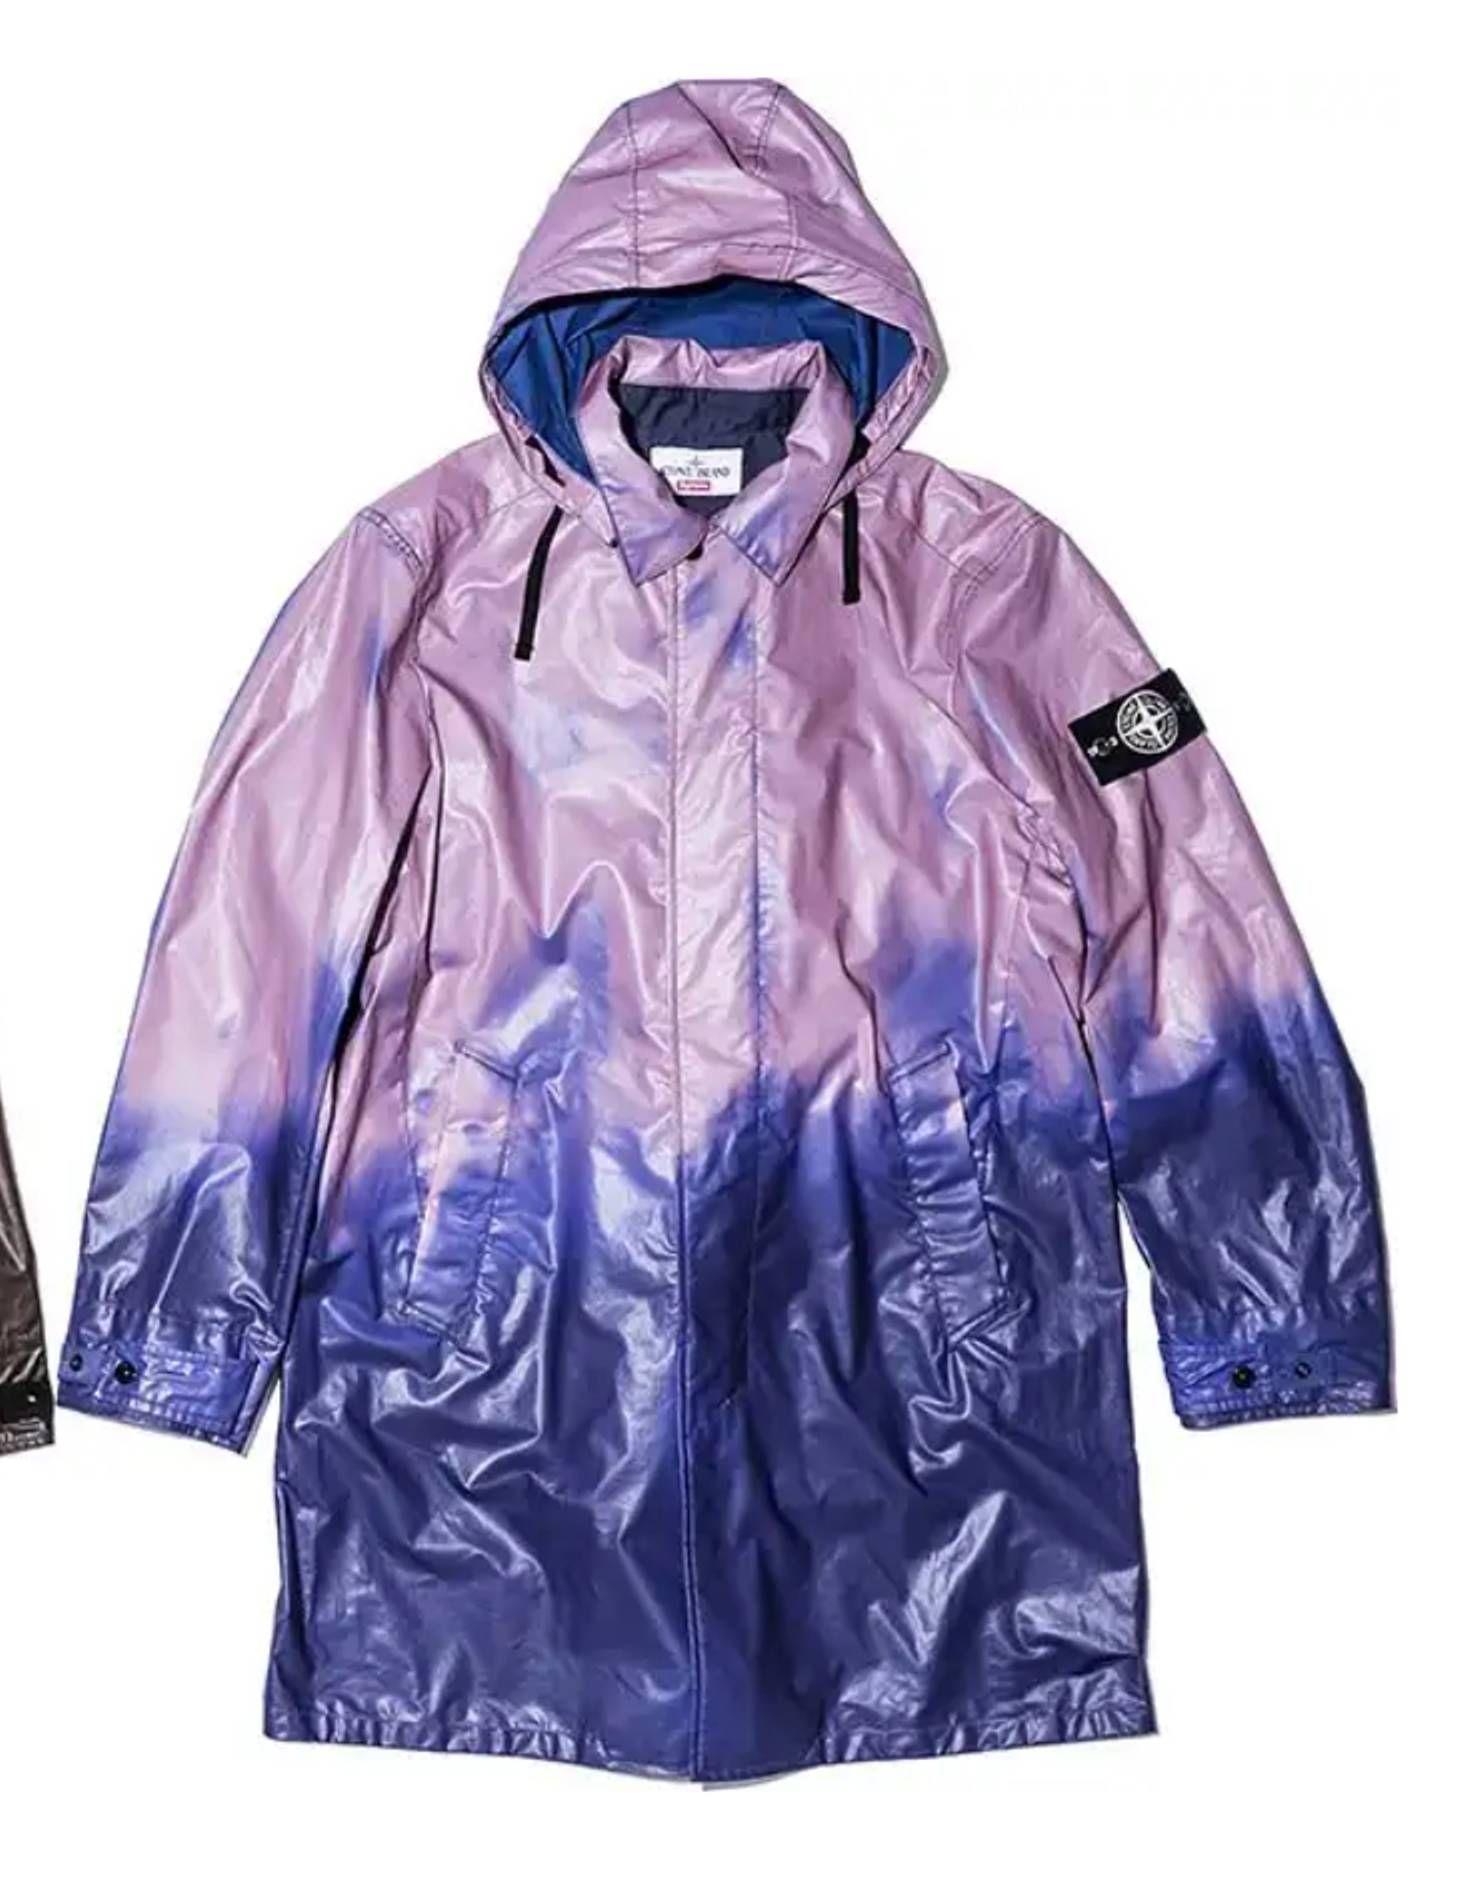 Supreme Supreme®Stone Island® Heat Reactive Trench Coat